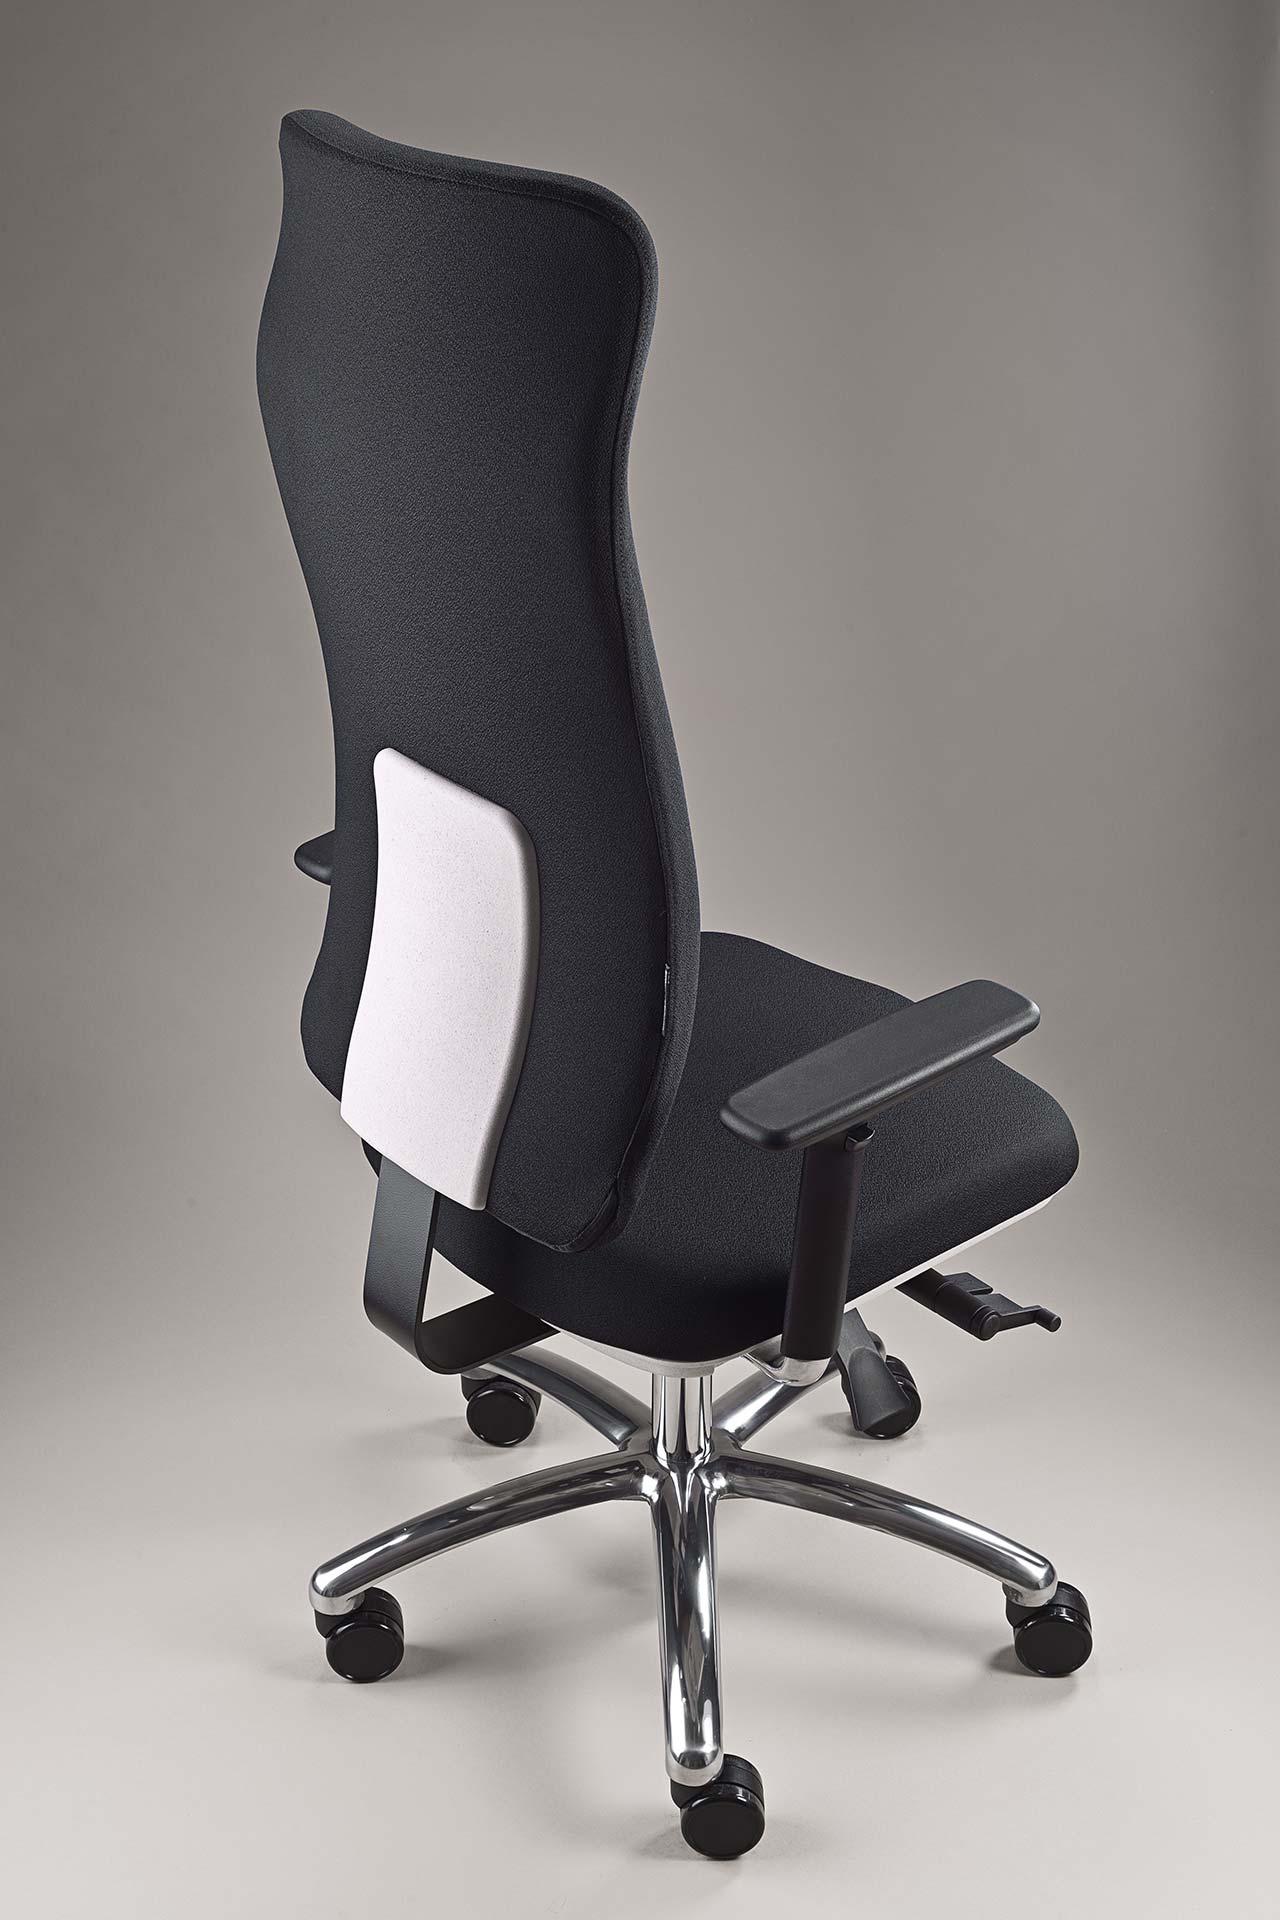 gesund arbeiten gmbh - Bürodrehstuhl motion.plus mit Stoff Xtreme und weiße Abdeckung Rückenlehne